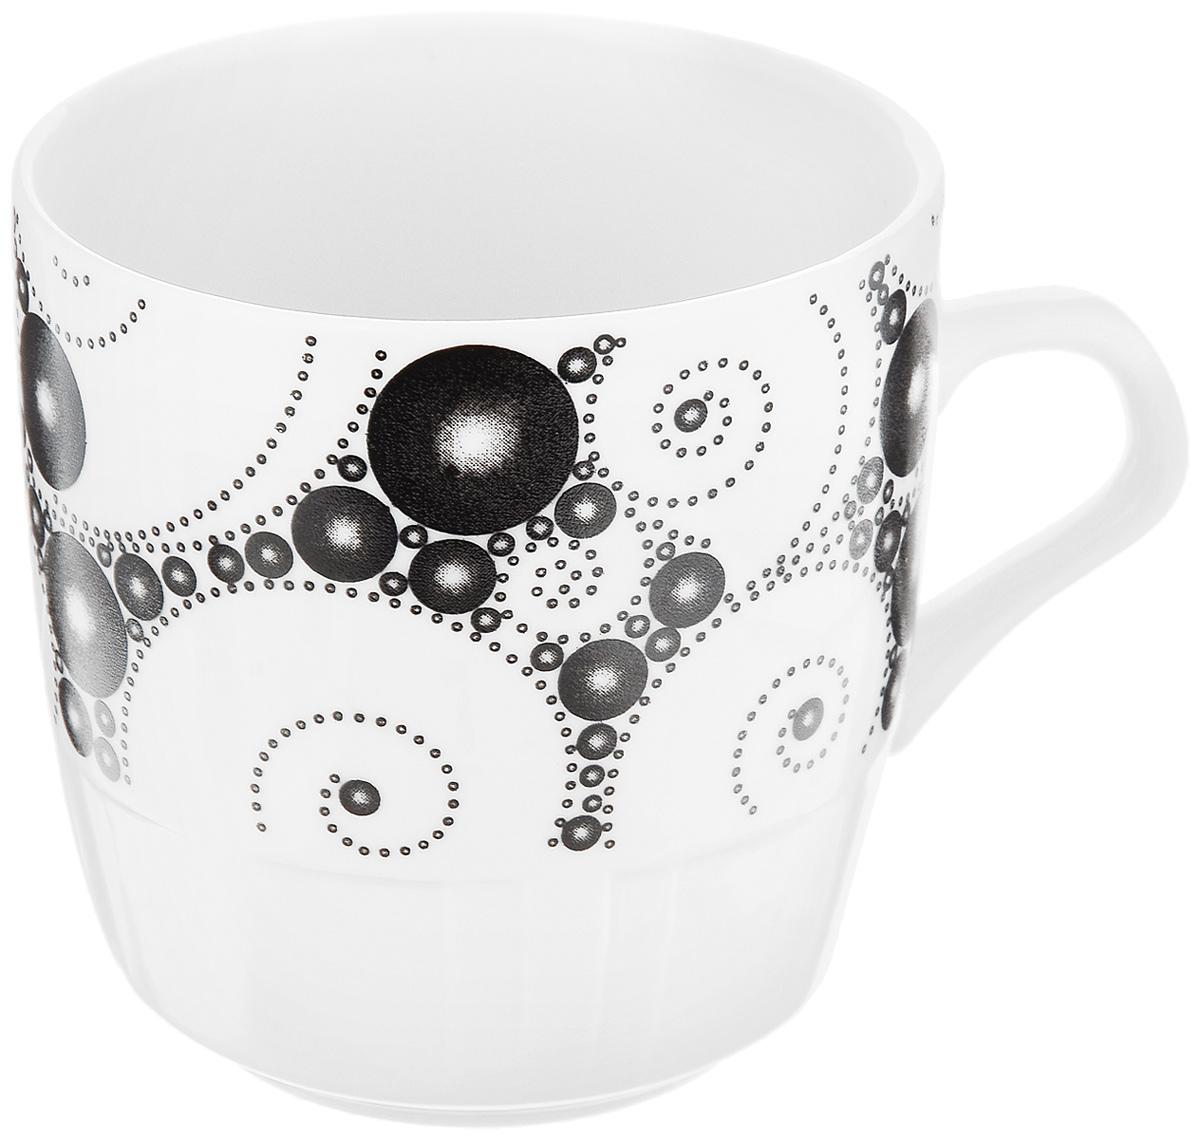 Кружка Фарфор Вербилок Жемчужный, 250 мл1371640Кружка Фарфор Вербилок Жемчужный способна скрасить любое чаепитие. Изделие выполнено из высококачественного фарфора. Посуда из такого материала позволяет сохранить истинный вкус напитка, а также помогает ему дольше оставаться теплым. Диаметр по верхнему краю: 8 см. Высота кружки: 8,5 см.